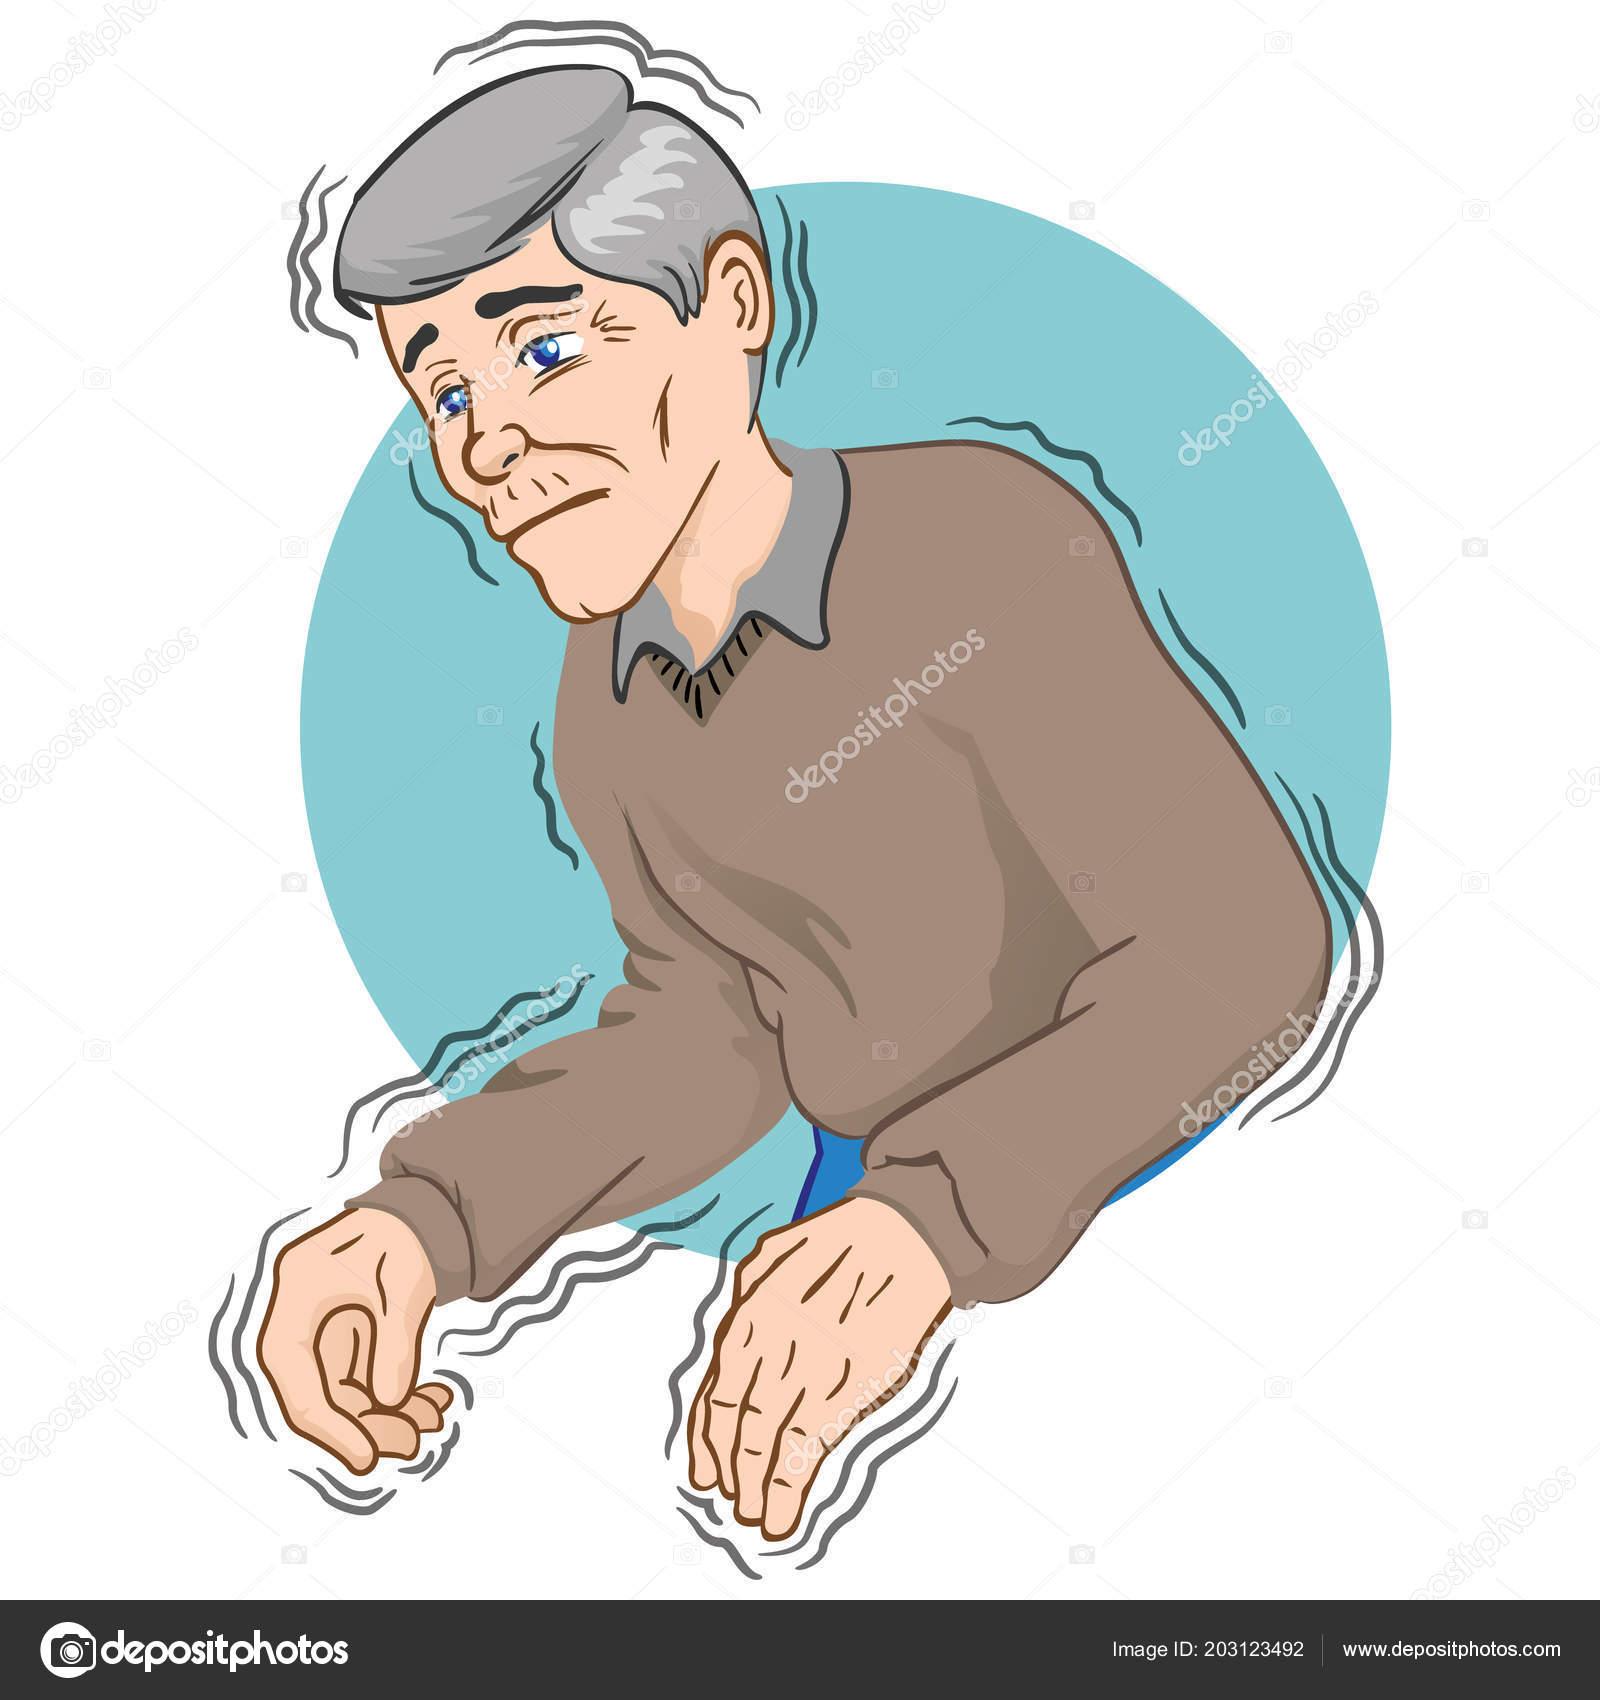 Fejfájás viszketése - problémák és problémák kezelése - Felépítés